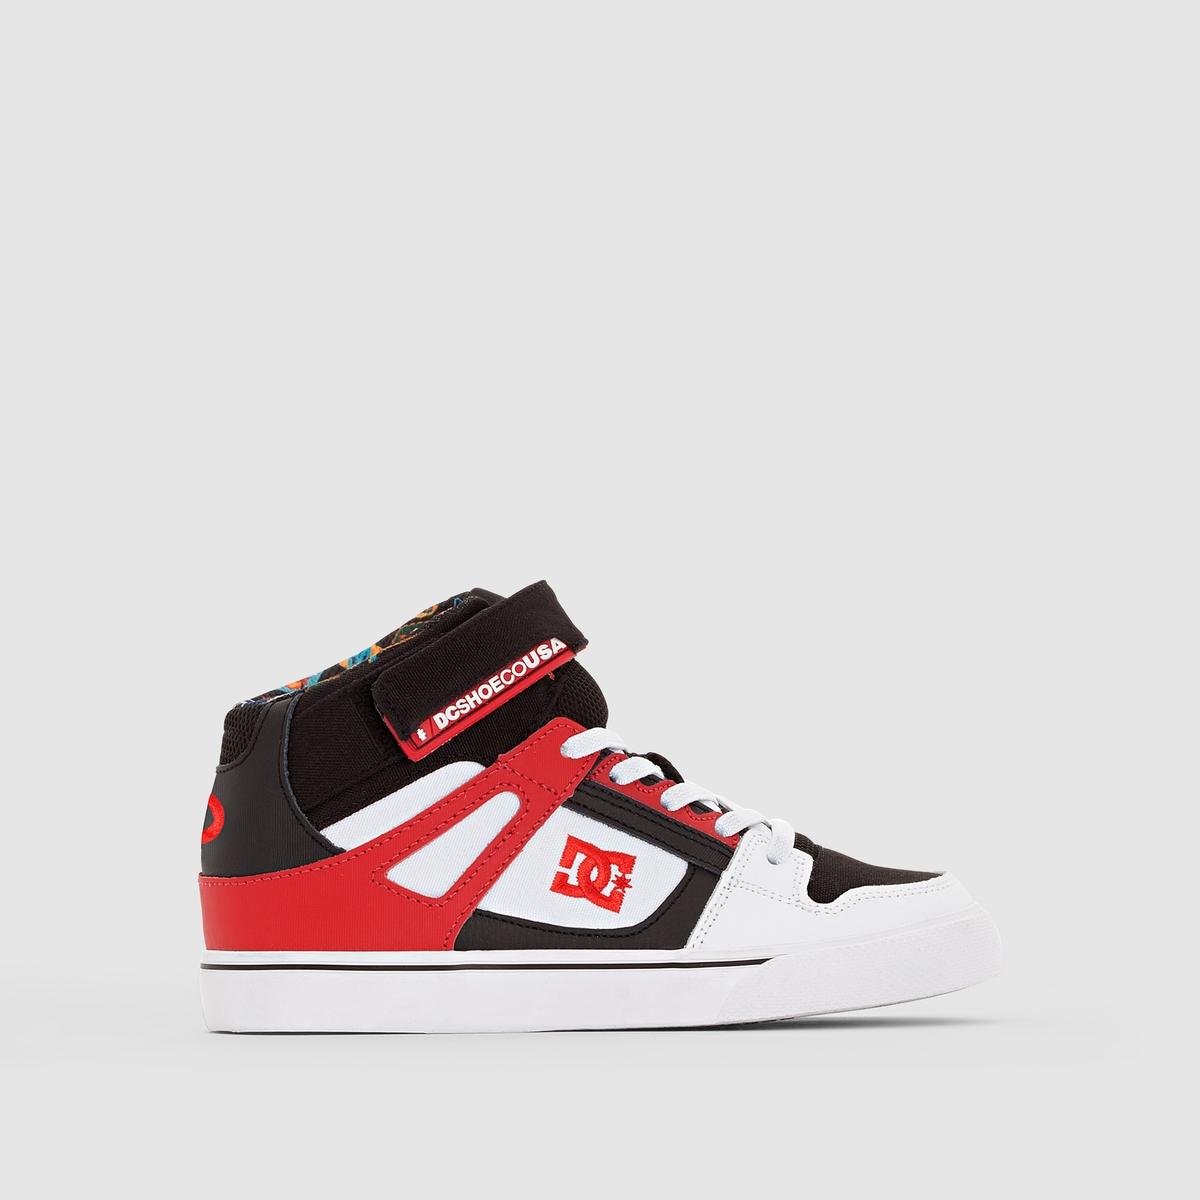 Кеды высокие DC SHOES SPARTAN HIGH EV B SHOE WBDПреимущества : эти кеды от DC SHOES имеют двойную застежку, сочетающую ремешки на липучке и шнурки для облегчения надевания и оптимальной поддержки.<br><br>Цвет: белый/ красный/ черный<br>Размер: 29